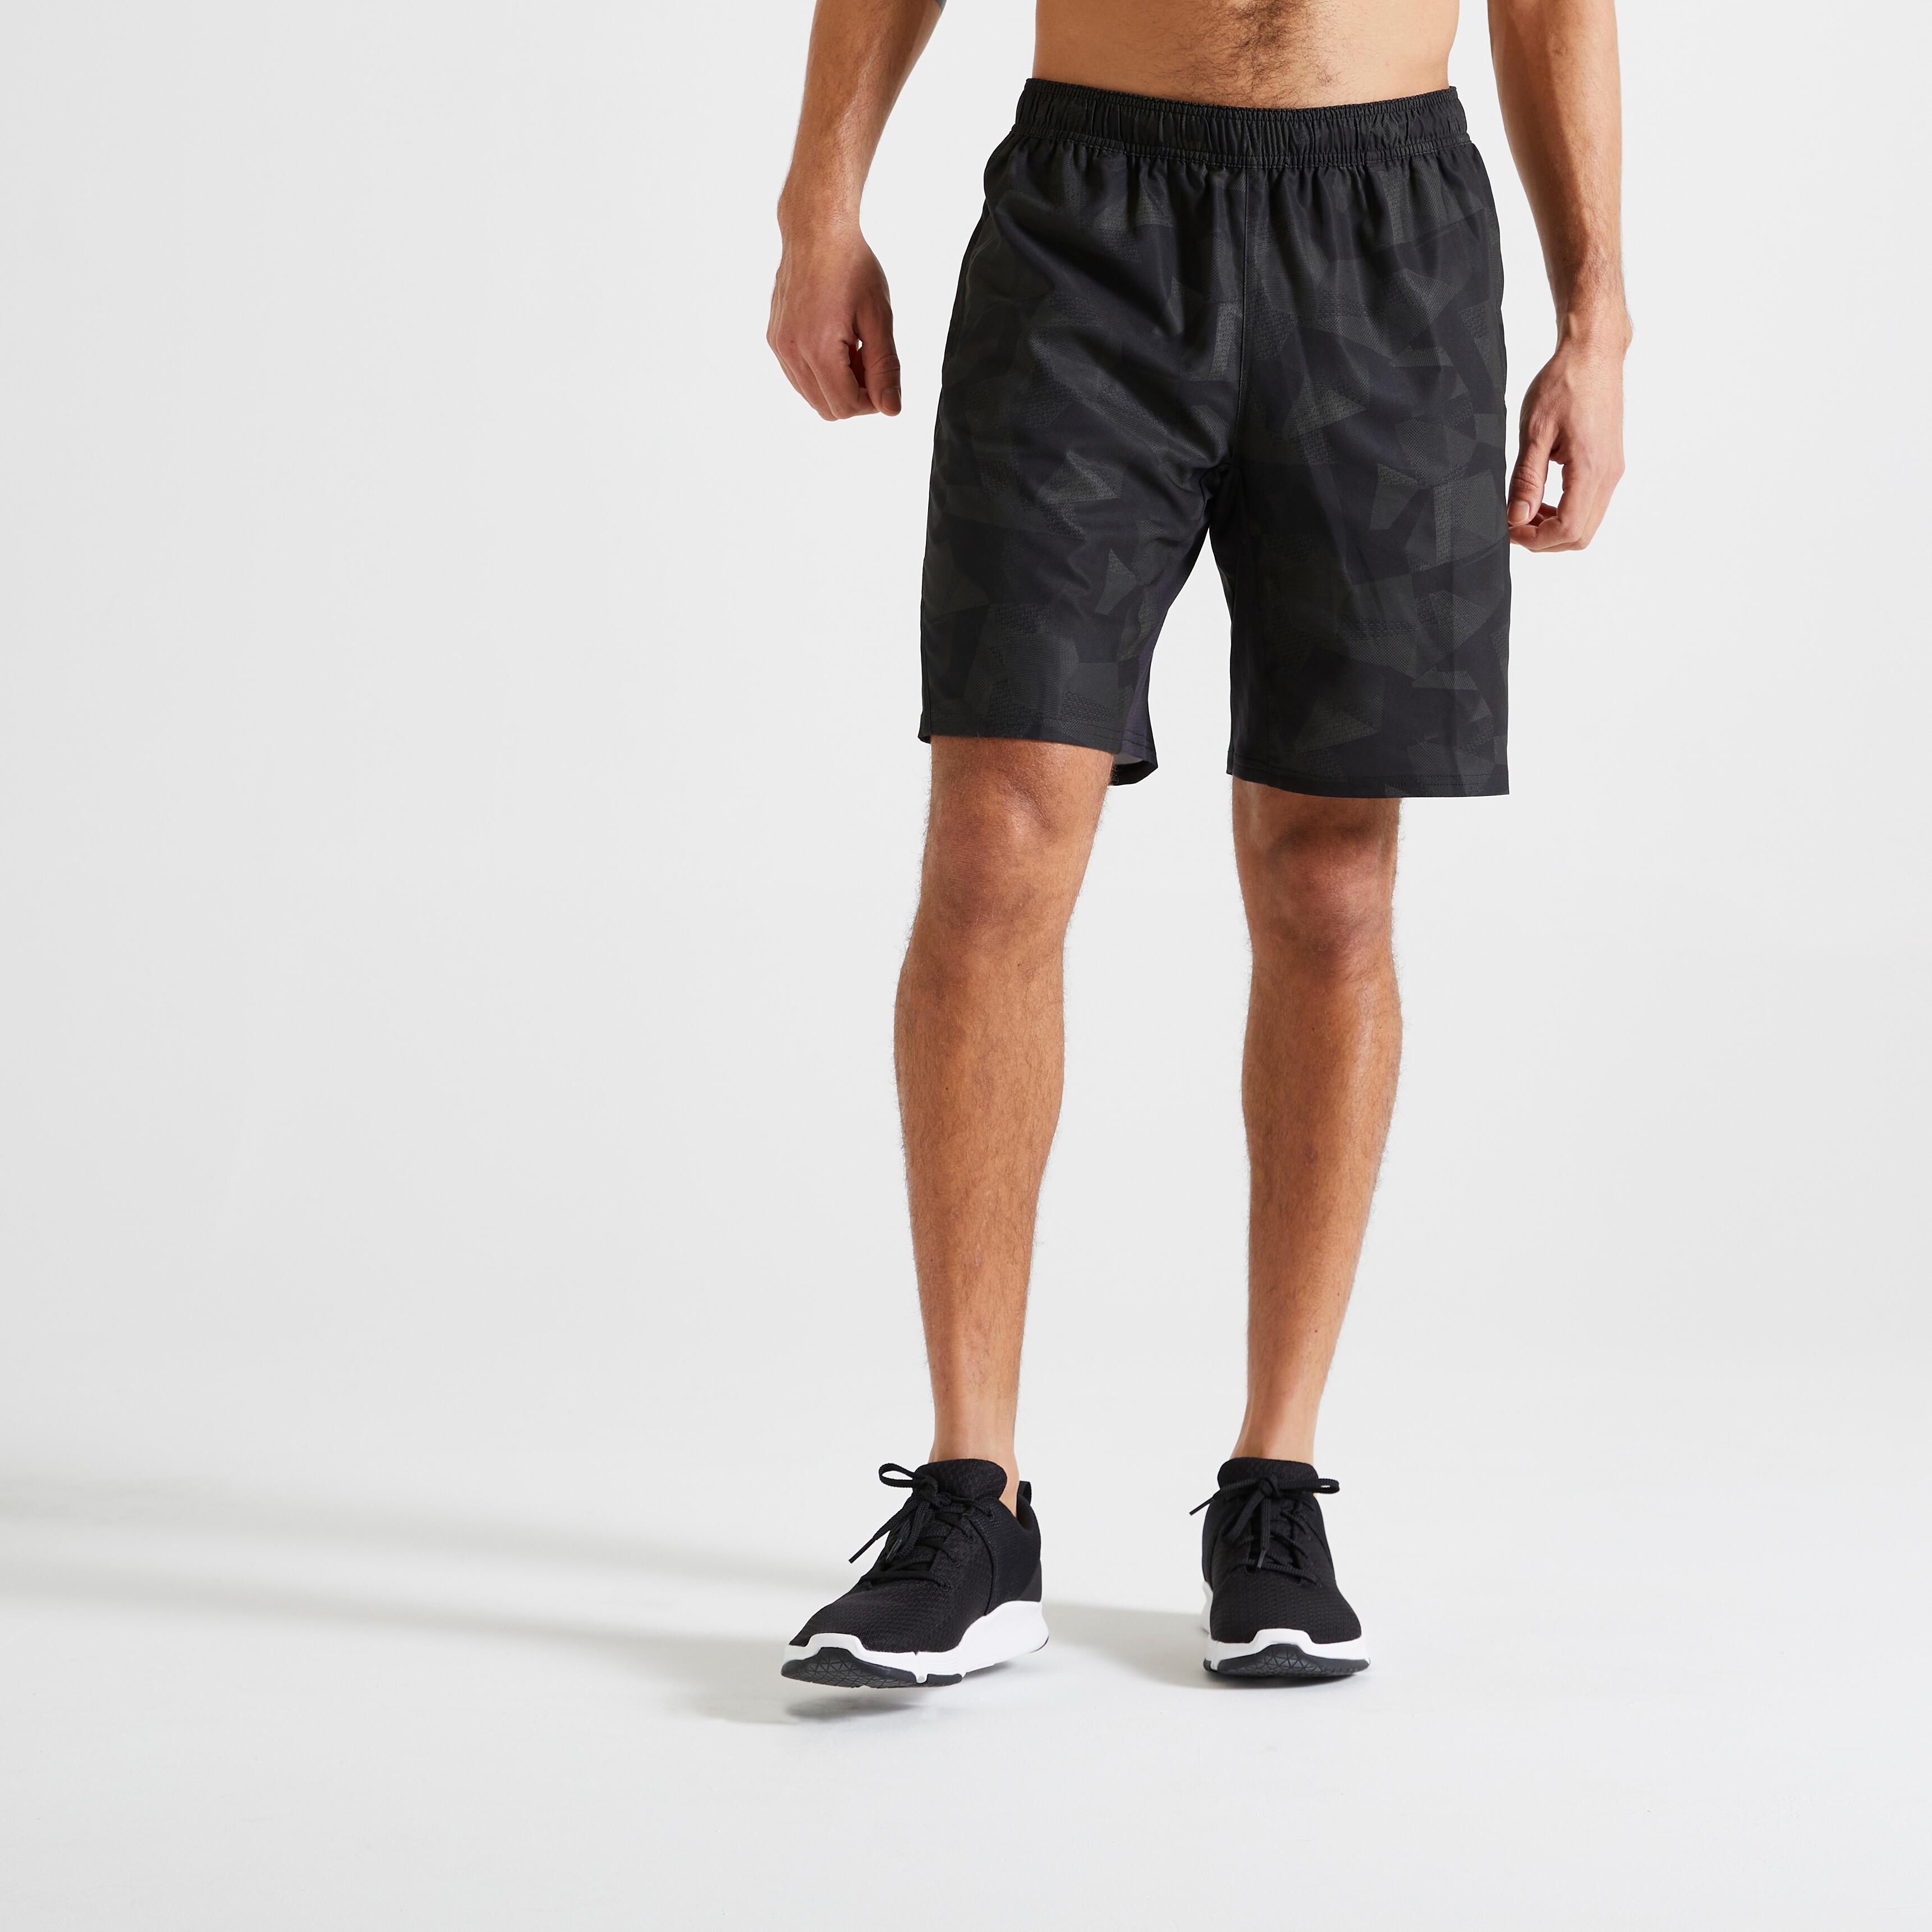 Șort Fitness 120 kaki Bărbați la Reducere poza